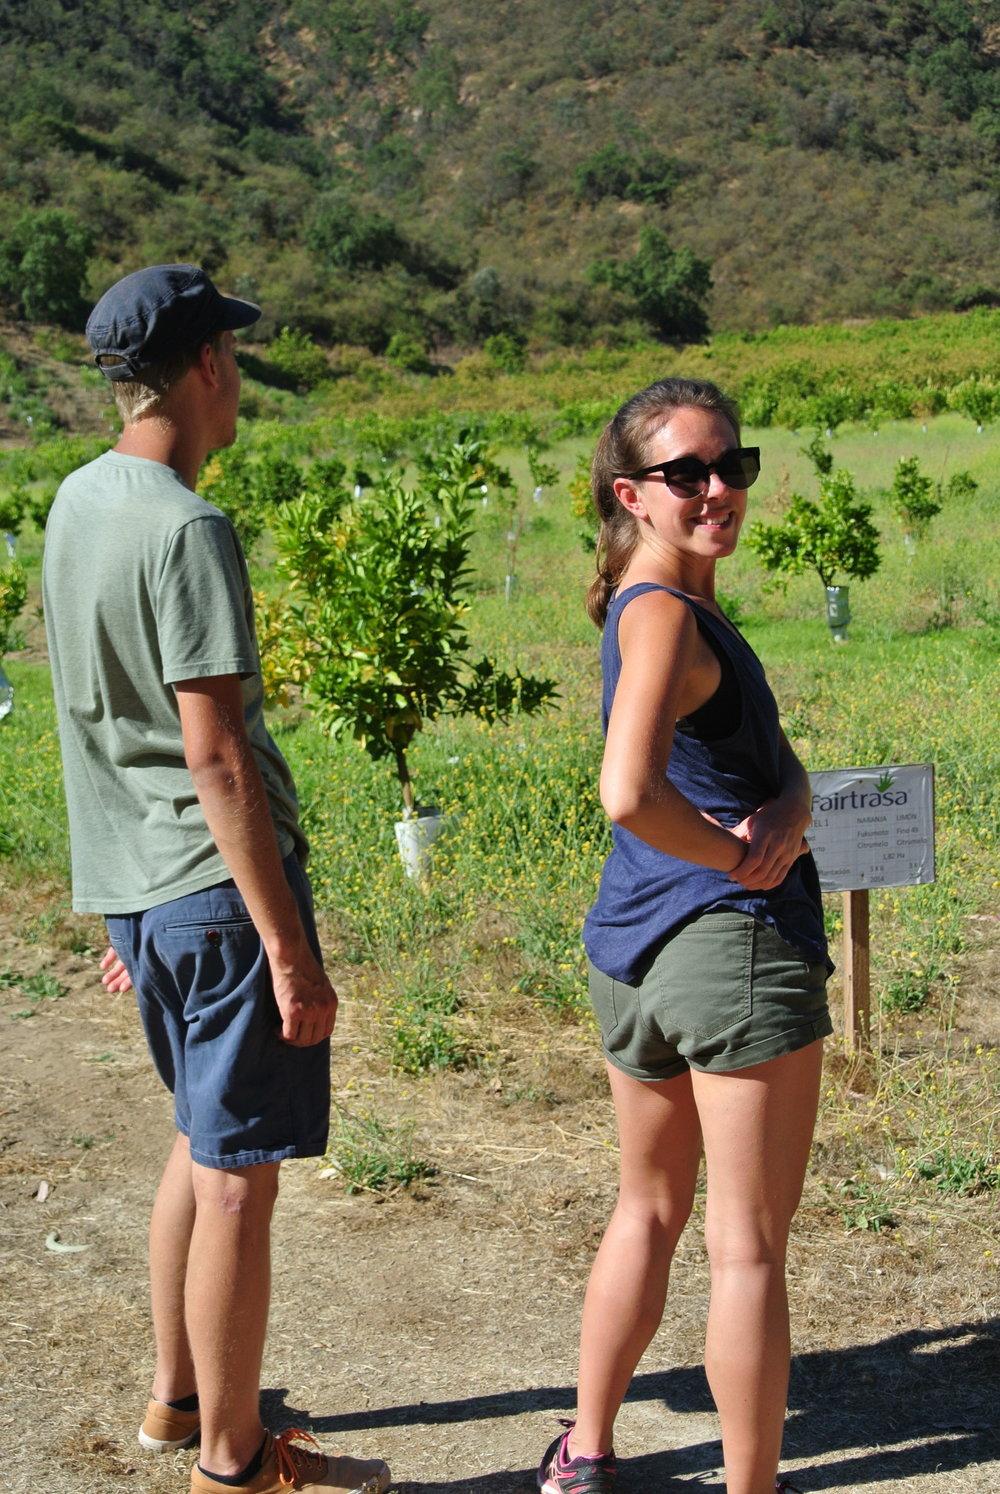 Blir 26 år på en vingård i Chile - och har äntligen (nästan) fått smak på vuxenviner!